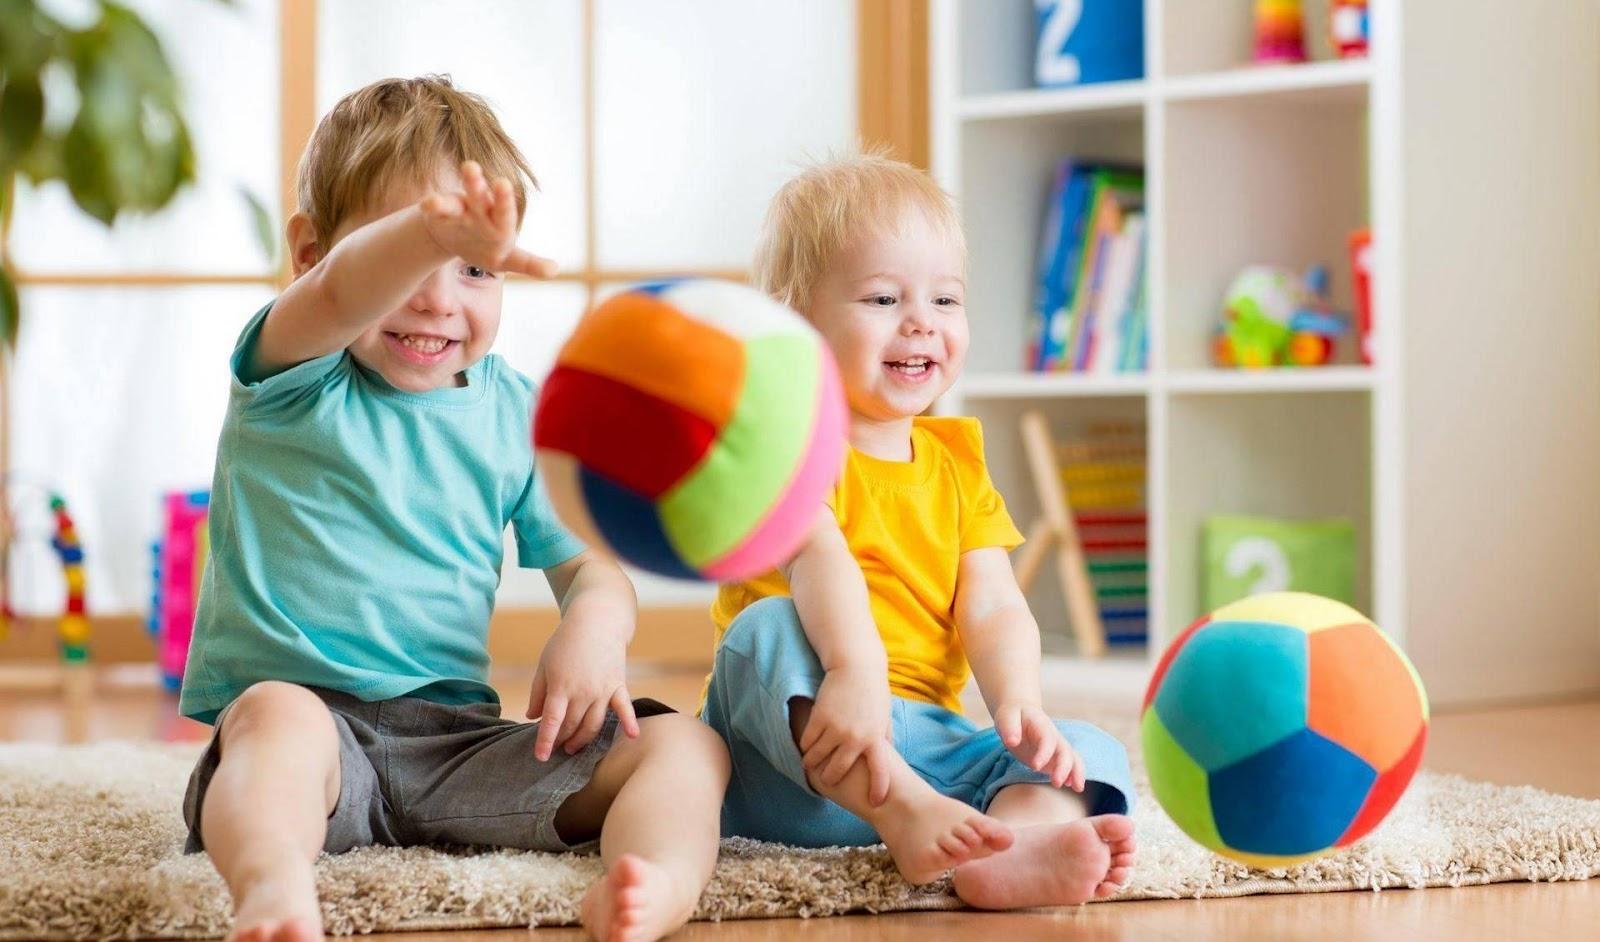 Подвижные игры с детьми дома: 16 идей для активных развлечений